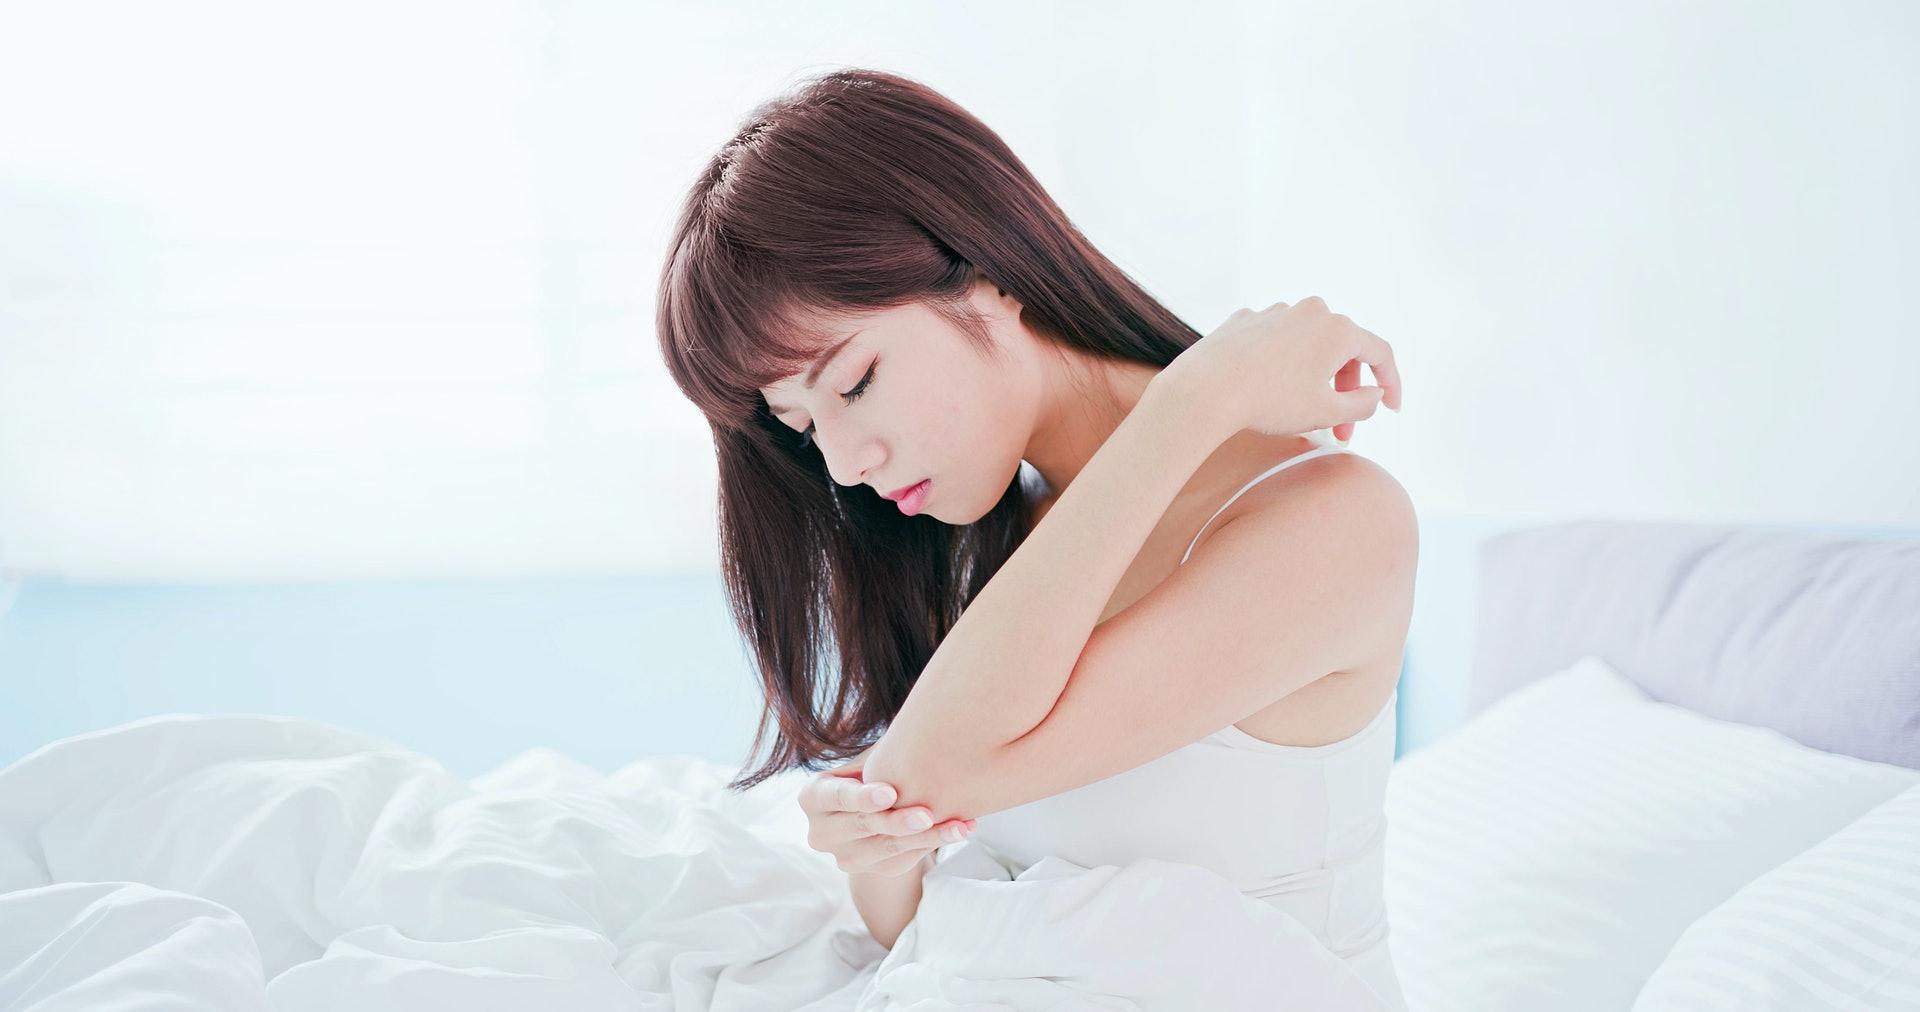 患上急性濕疹大多會於皮膚皺摺位,如手肘內側、腹股溝等位置劇烈瘙癢。(圖片: Shuttlestock)